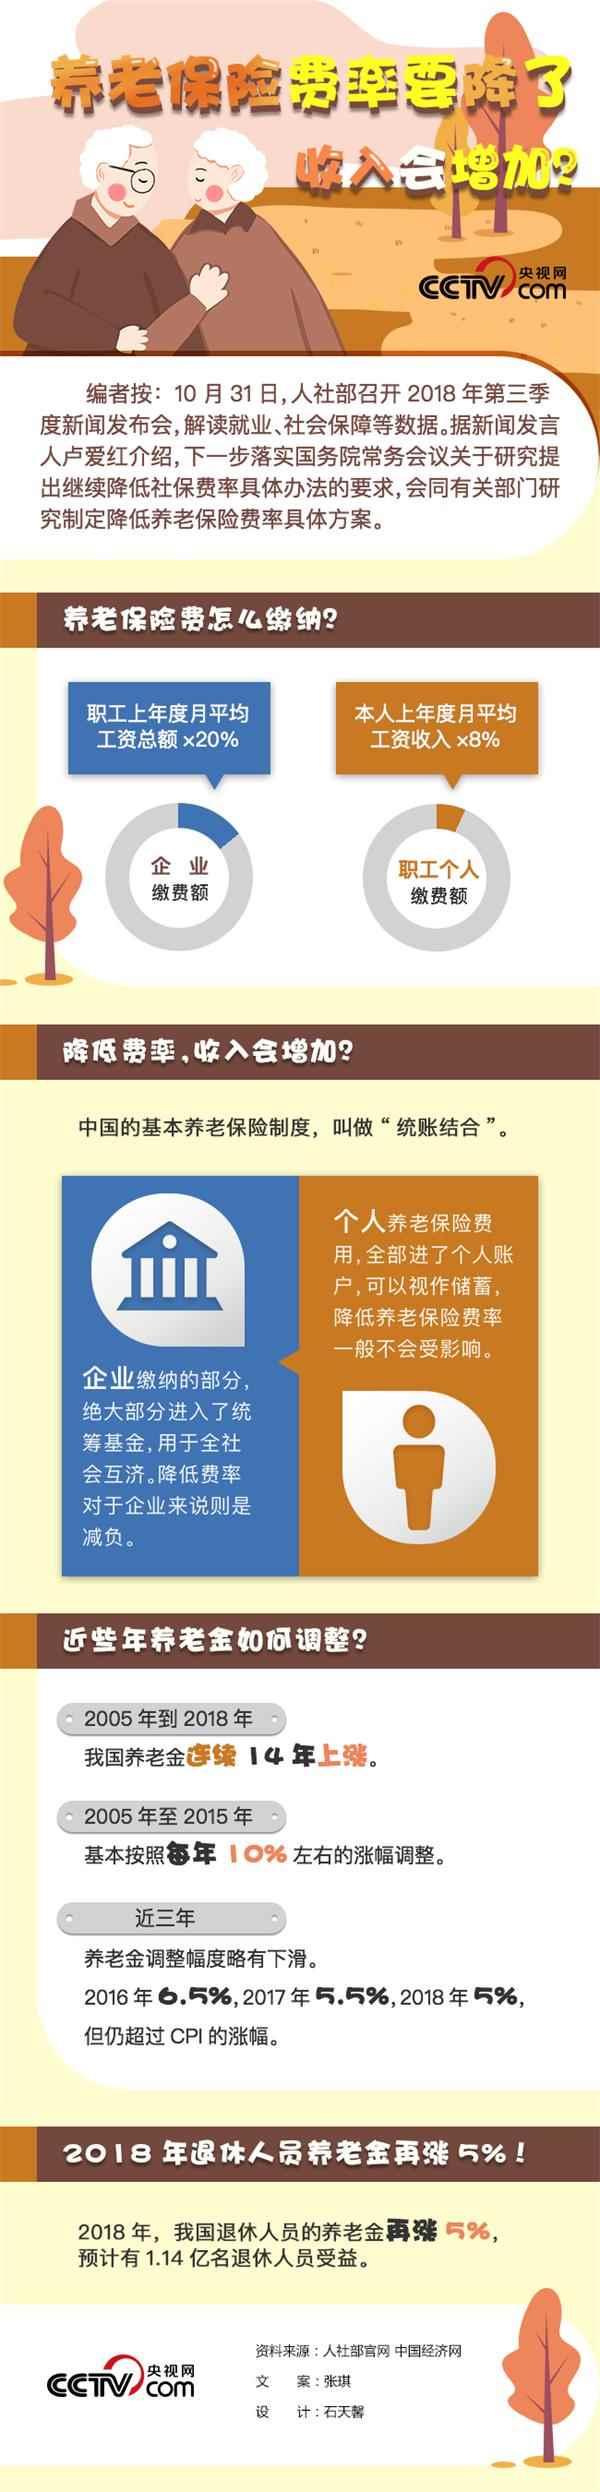 图解:养老保险费率要降了 收入会增加吗?